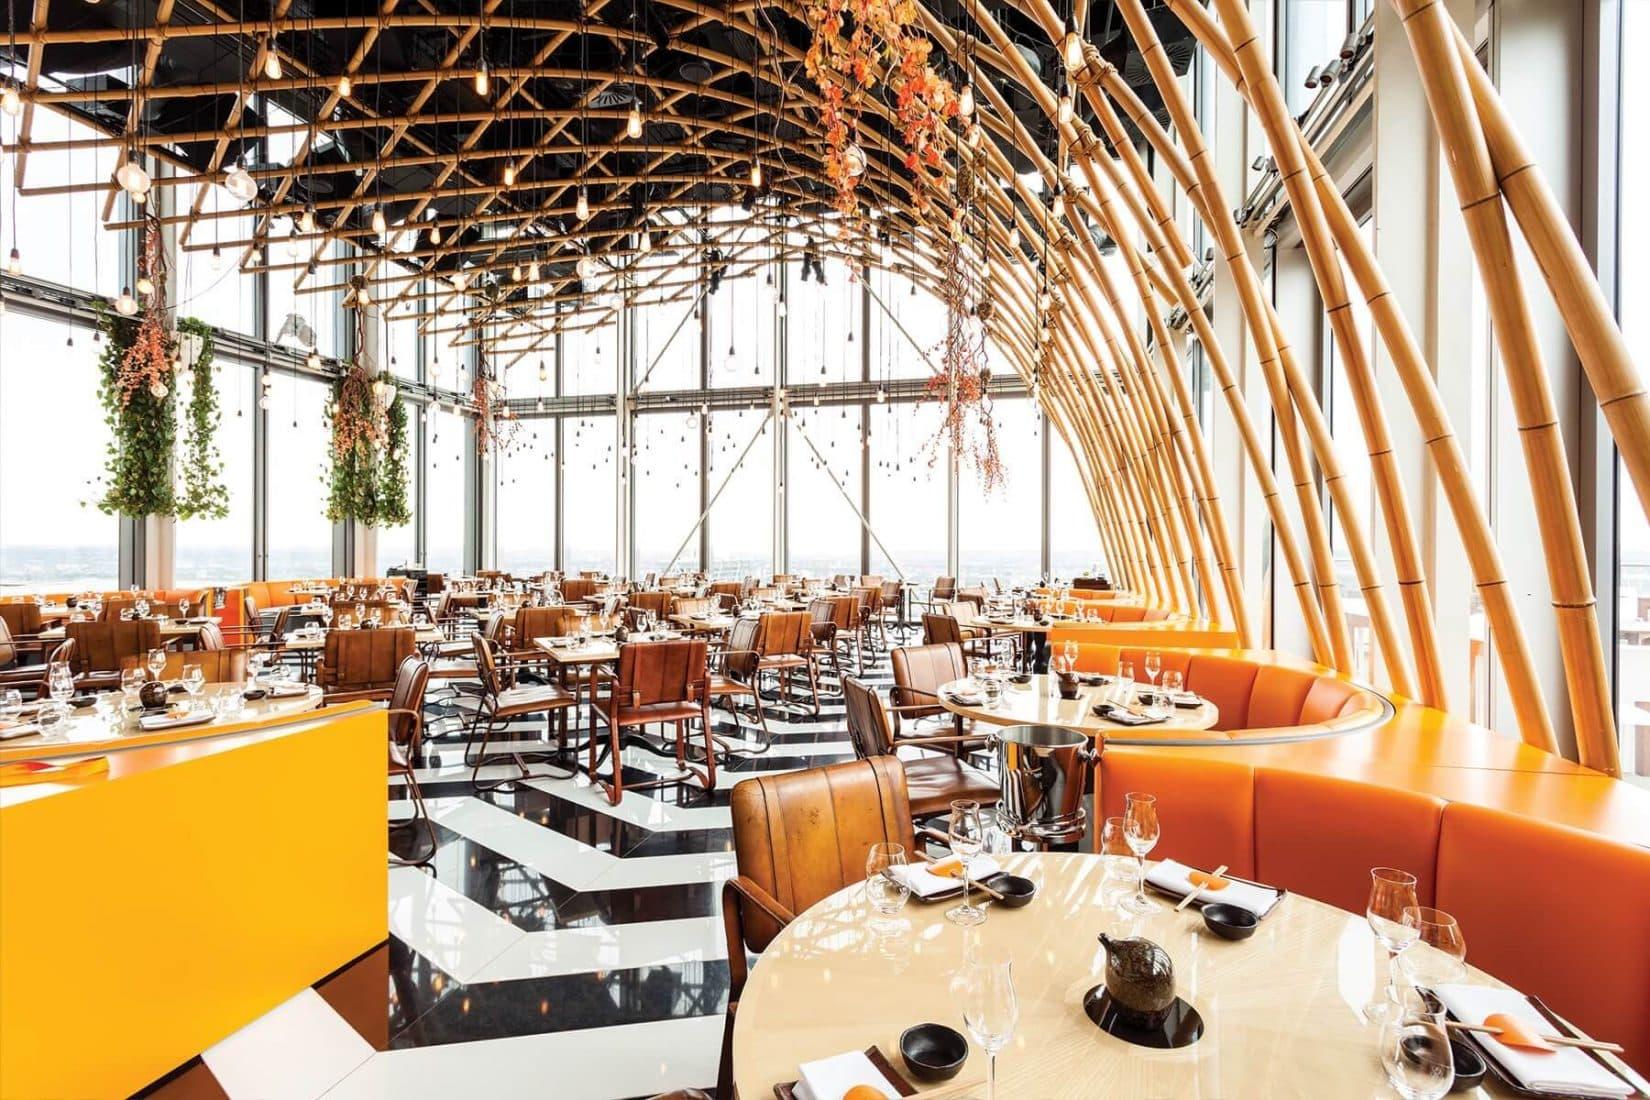 Top 5 Romantic Restaurants in London